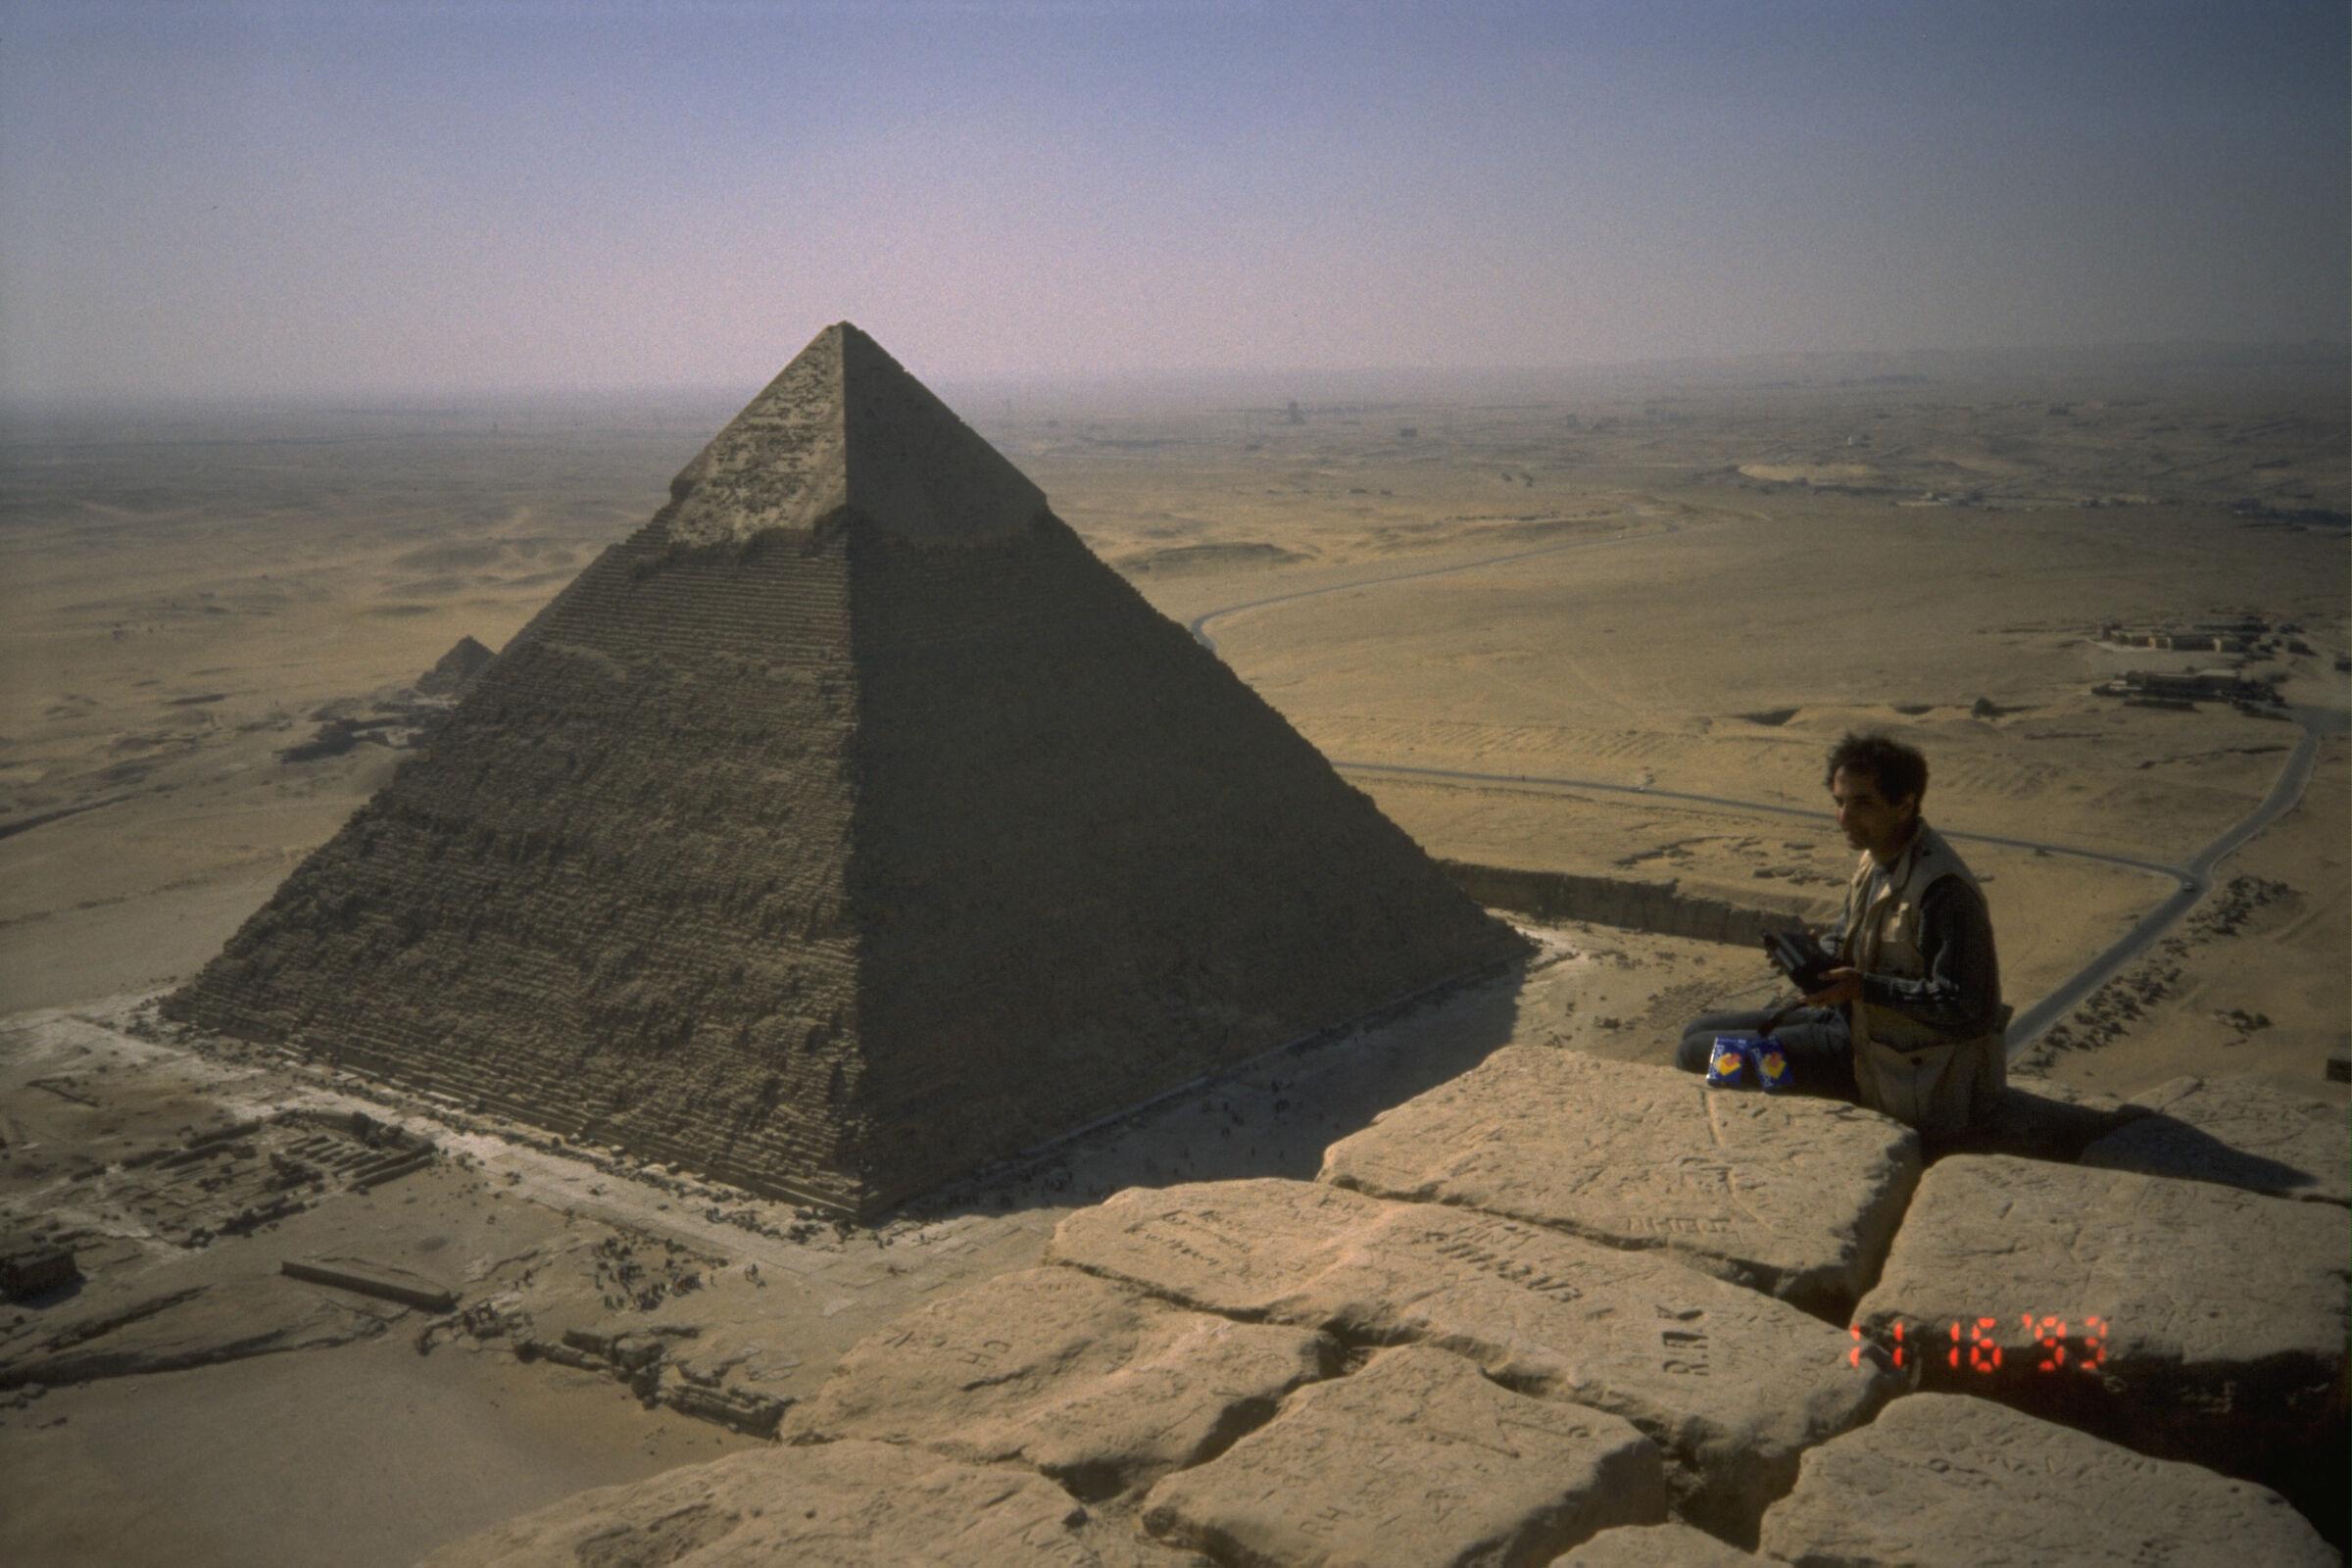 People & places: Site: Giza; View: Khufu pyramid, Khafre pyramid